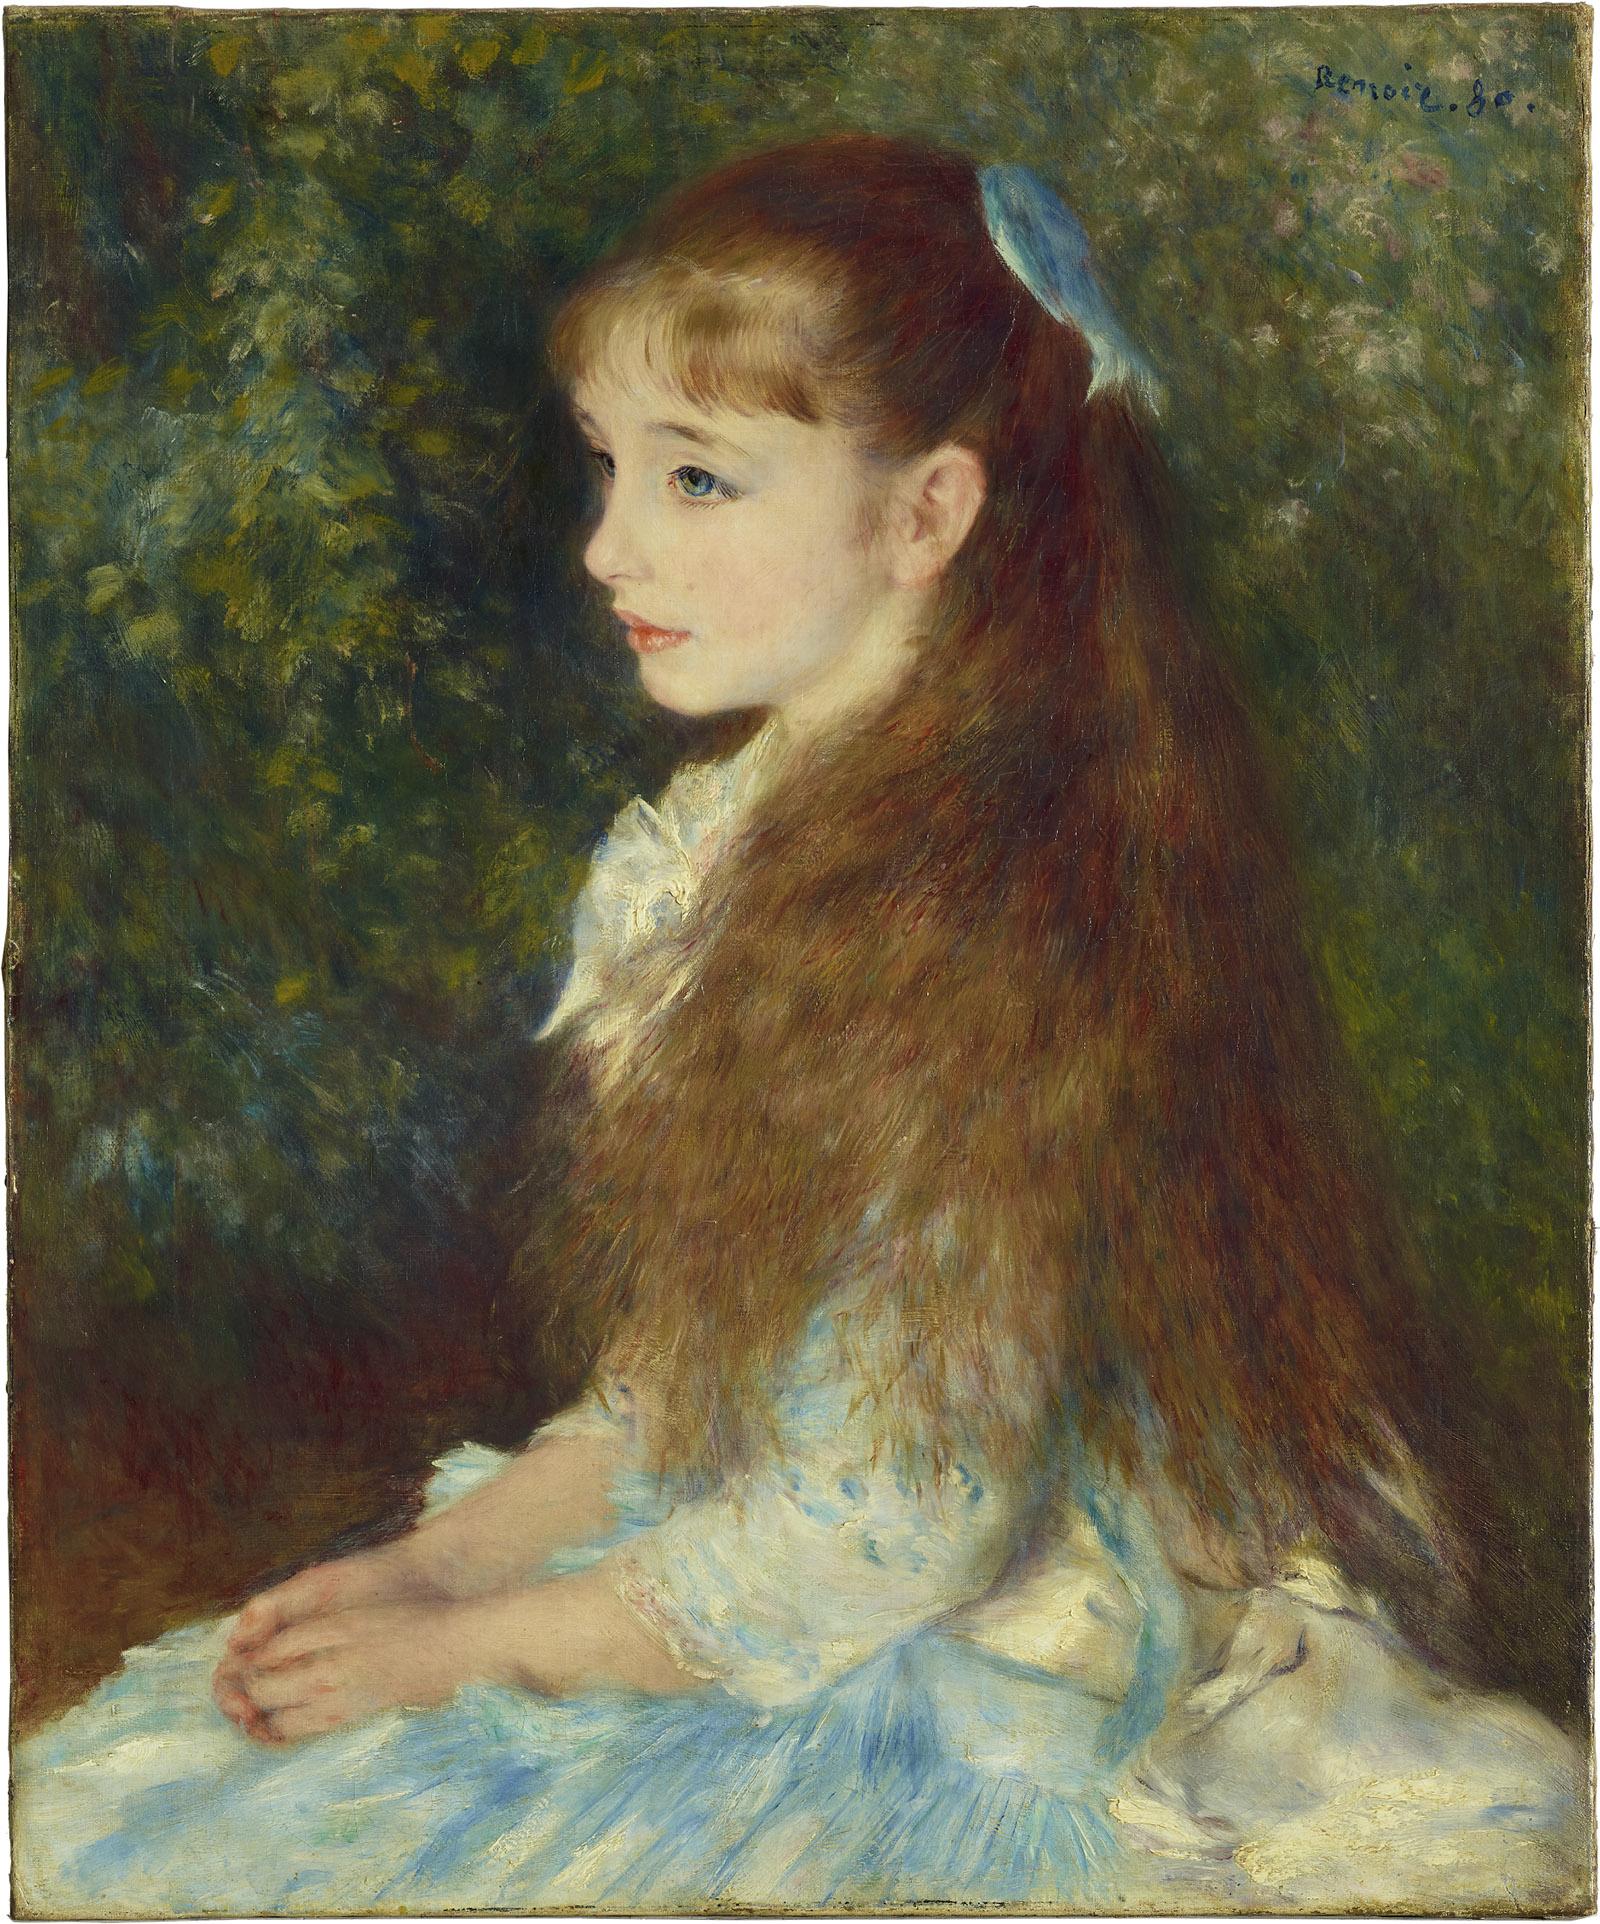 Mlle Irène Cahen d'Anvers; painting by Pierre-Auguste Renoir